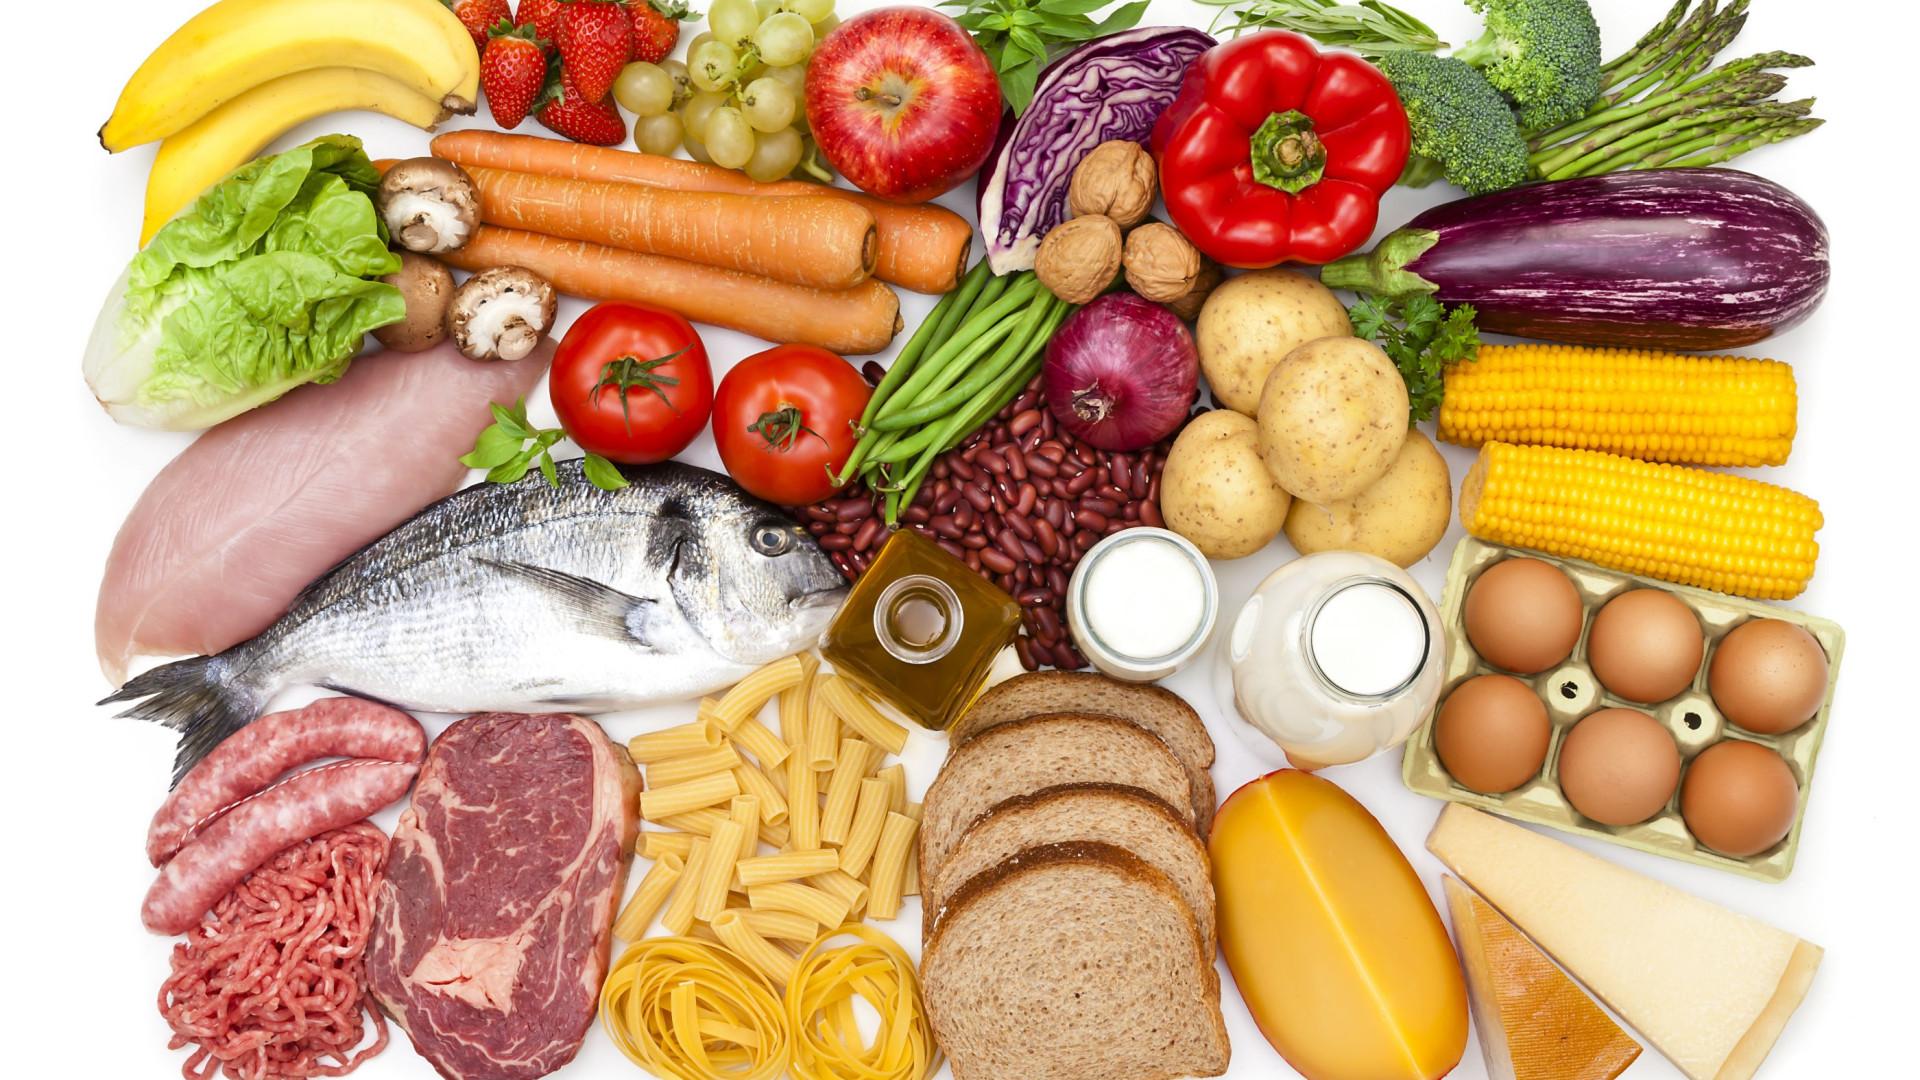 Perito avisa que produtos saudáveis estão a perder a guerra da nutrição